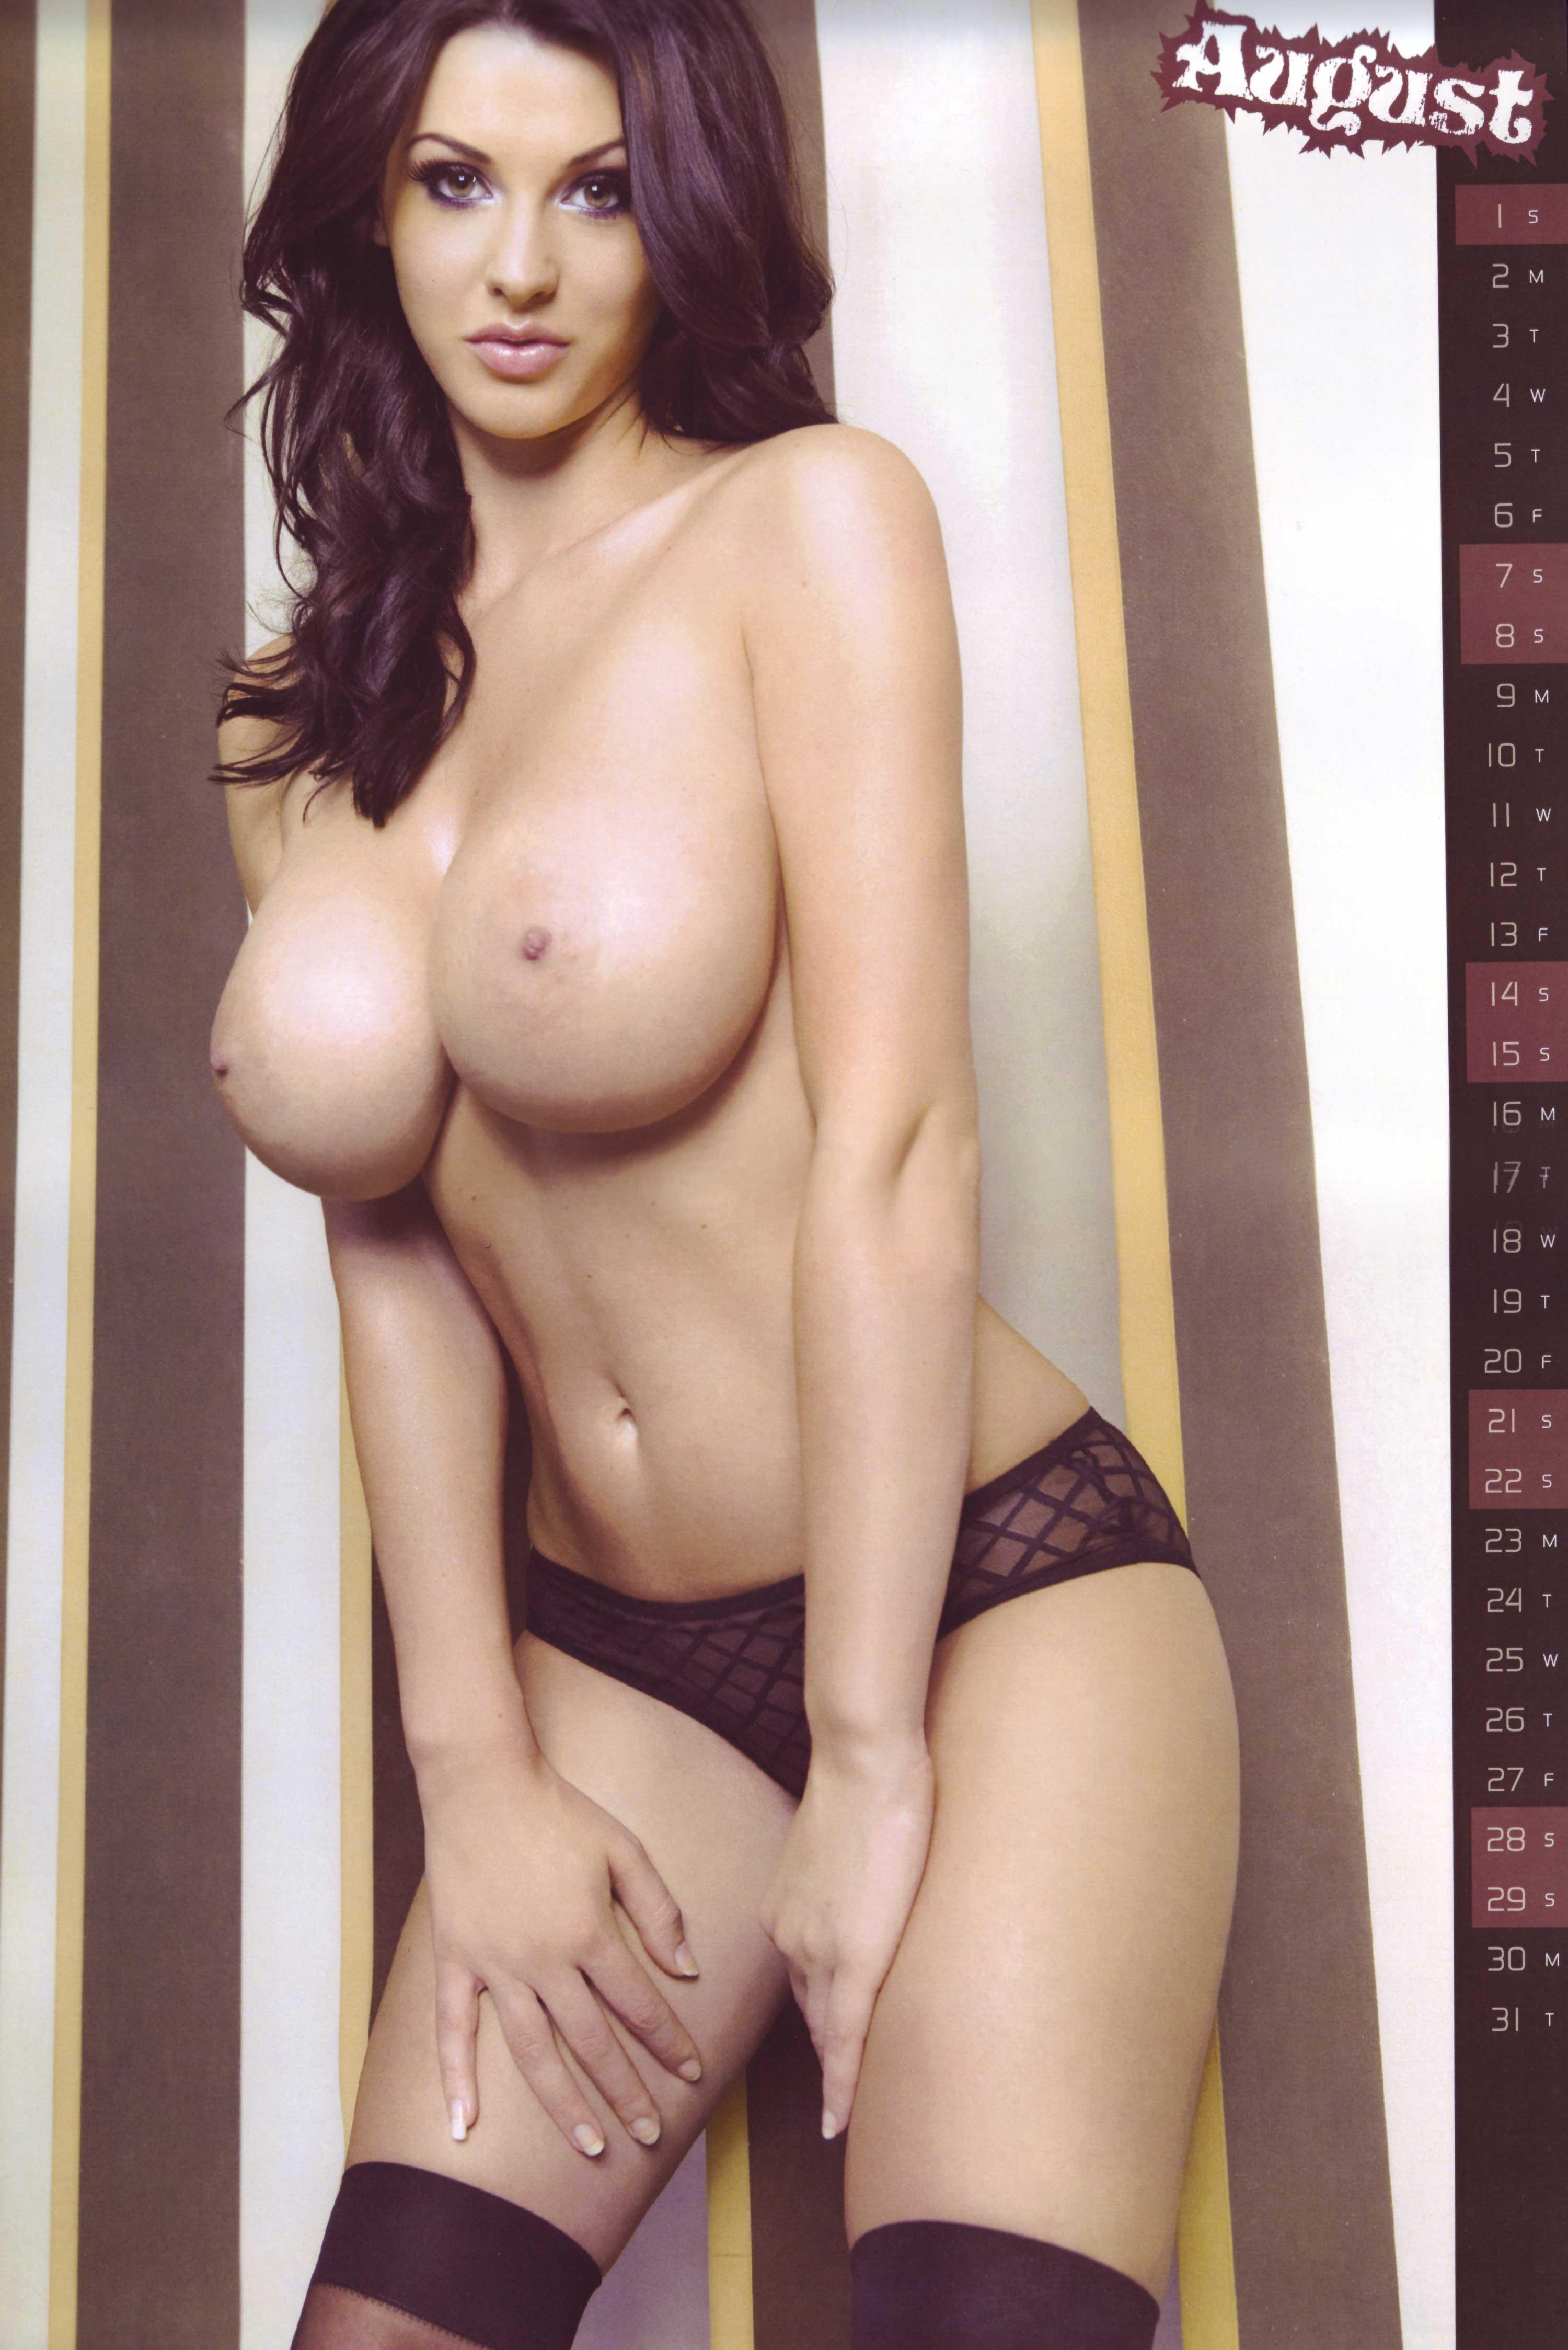 Фото эротика брюнетка с большой грудью 2 фотография